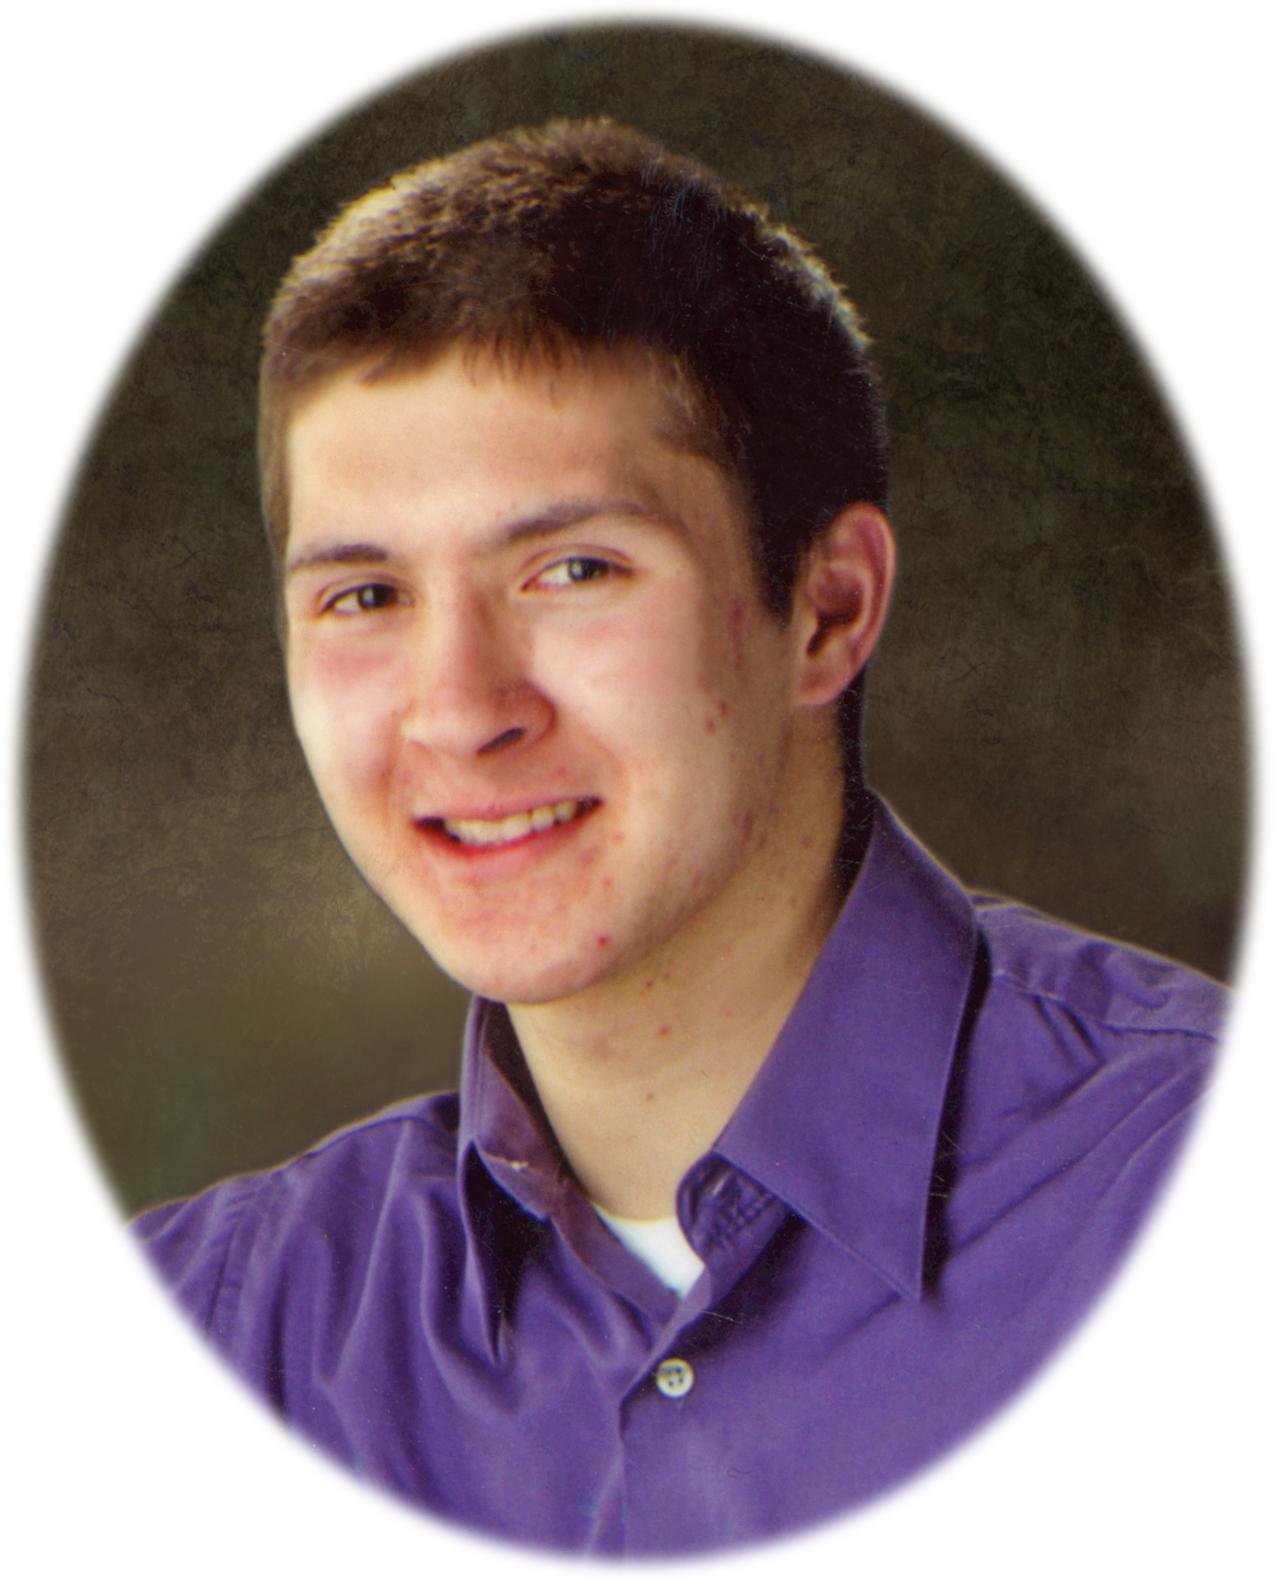 Josh T. Didulo